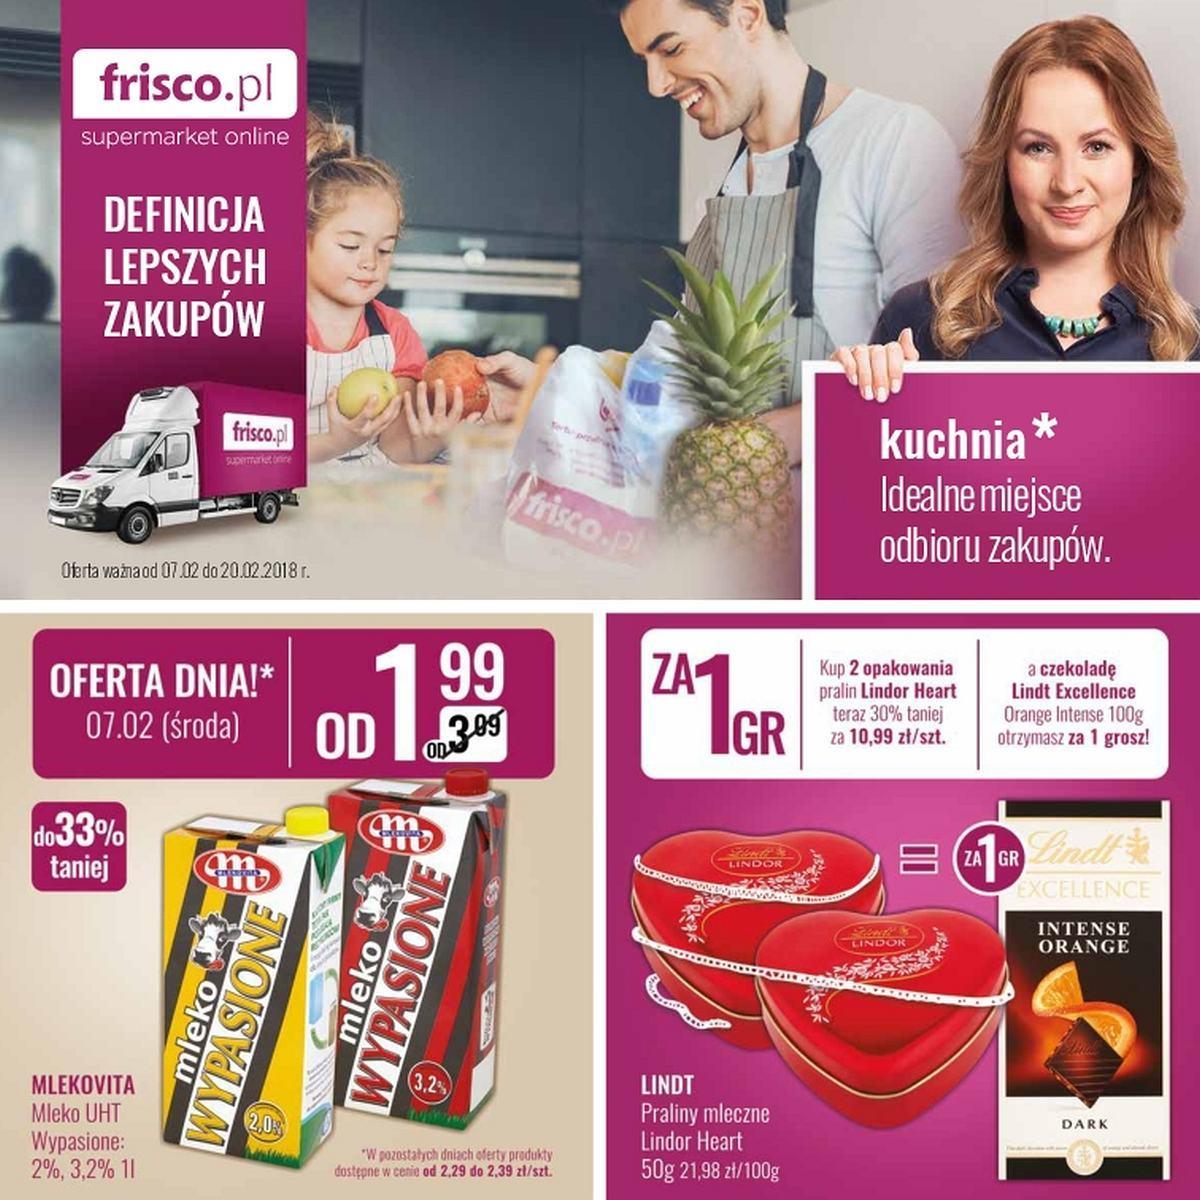 Gazetka promocyjna Frisco.pl do 20/02/2018 str.0